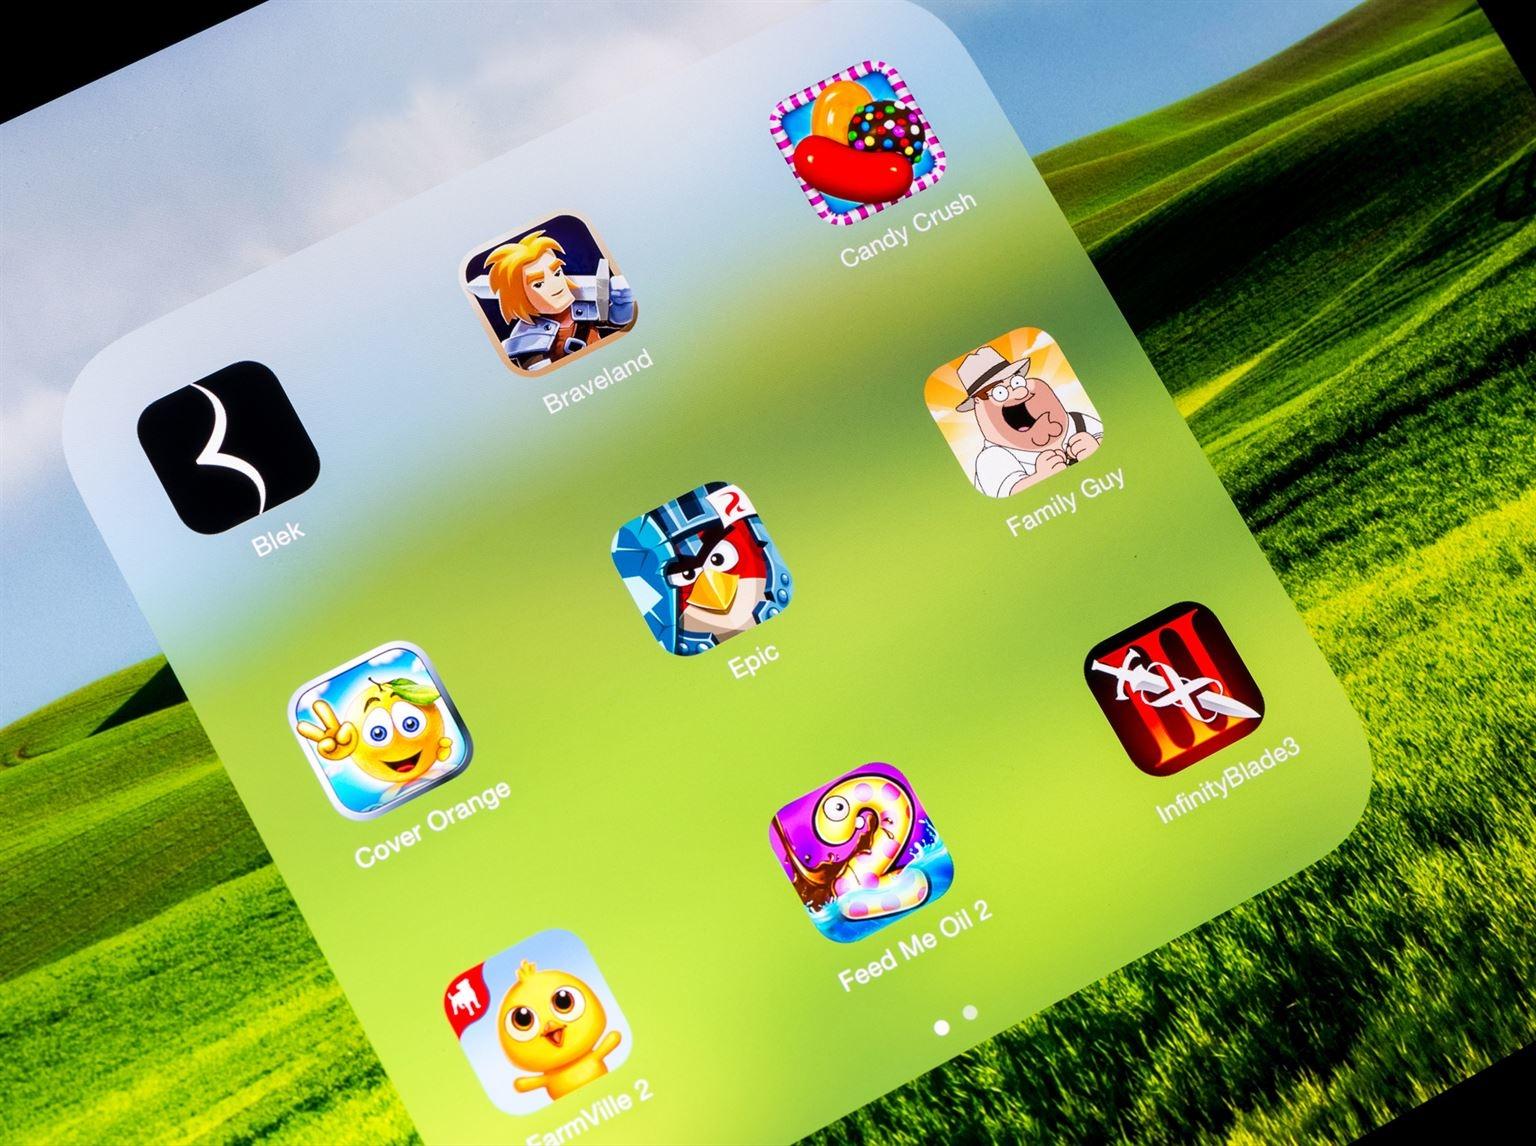 Jeux Sur Tablette: 64 Choix Pour Enfants | Protégez-Vous.ca encequiconcerne Jeux De Fille Gratuit D Animaux